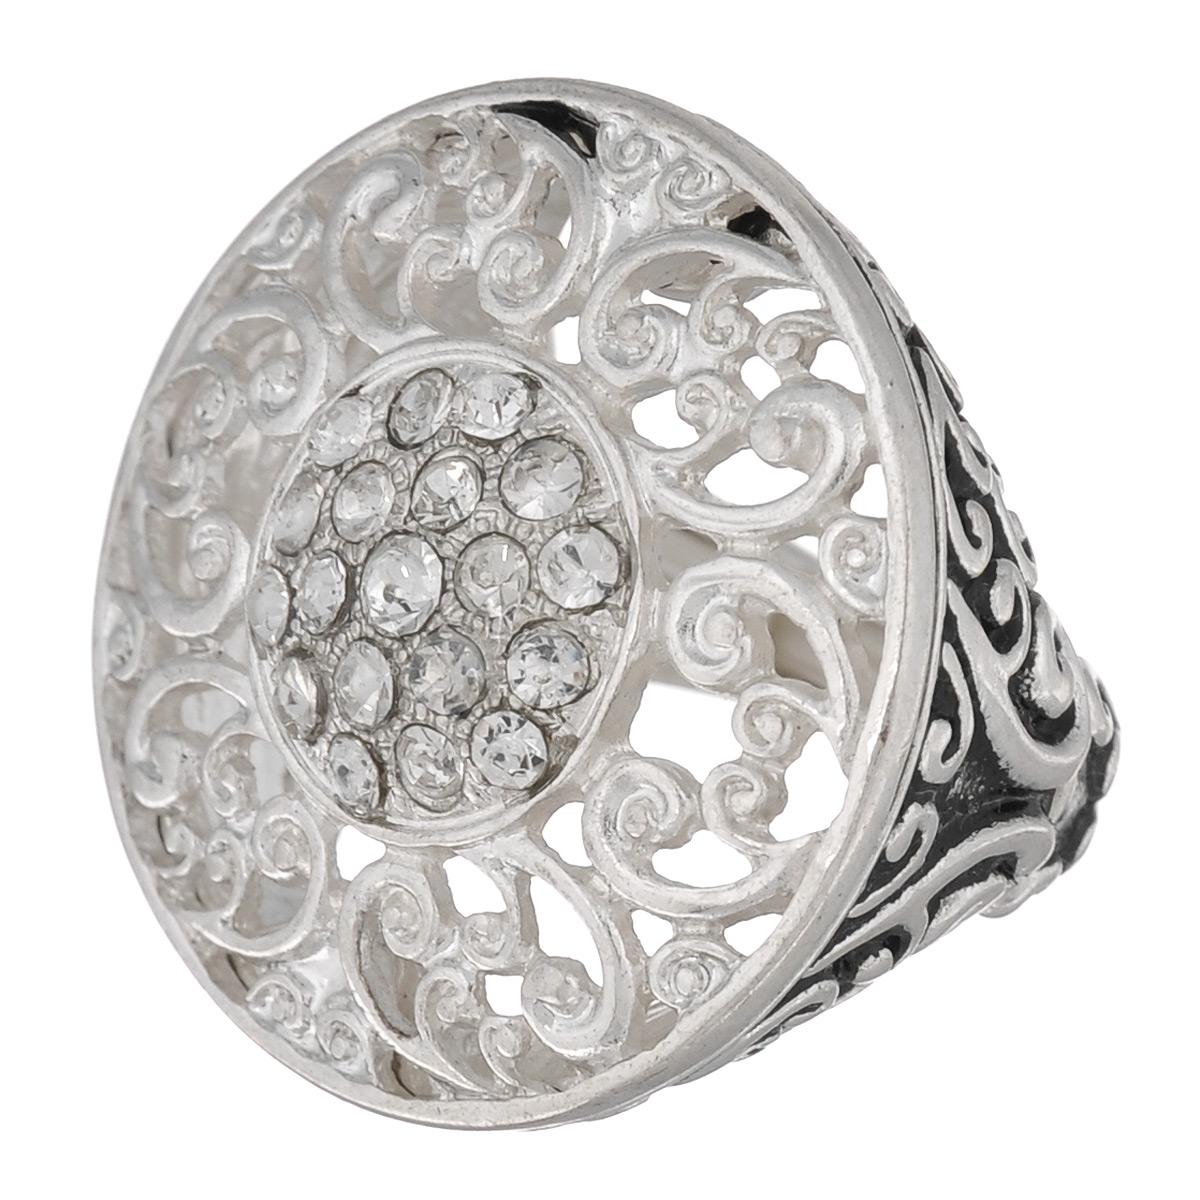 Кольцо Avgad, цвет: серебристый. EA178JW161EA178JW161Оригинальное кольцо Avgad выполненное из ювелирного сплава оформлено рельефом и стразами. Элементы кольца соединены с помощью тонкой резинки, благодаря этому оно легко одевается и снимается. Размер универсальный. Кольцо позволит вам с легкостью воплотить самую смелую фантазию и создать собственный, неповторимый образ.